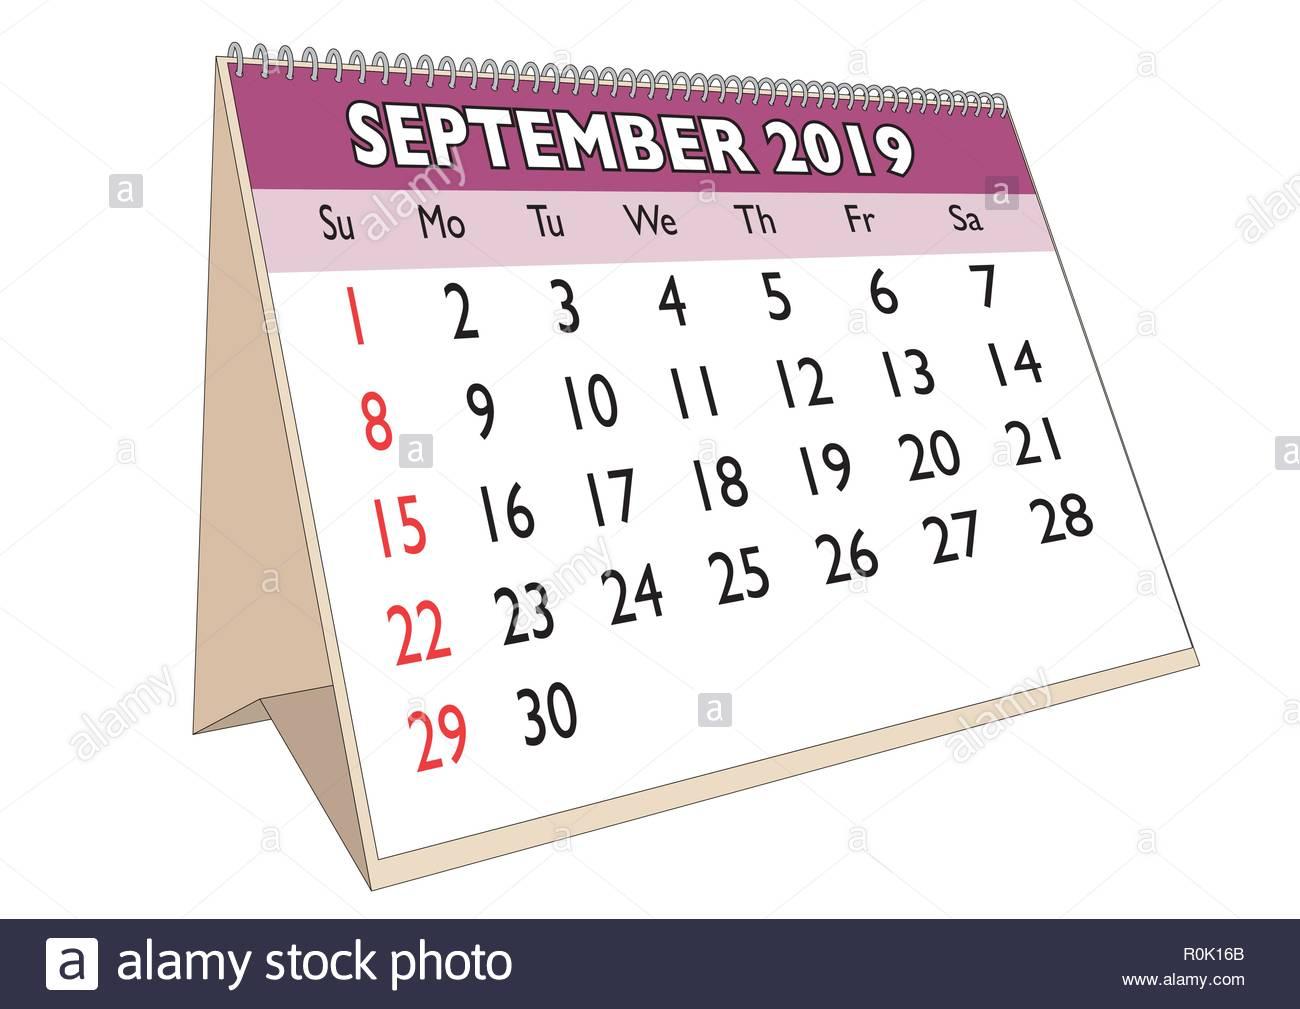 Calendrier Mois De Septembre.Le Mois De Septembre 2019 Dans Un Calendrier De Bureau En